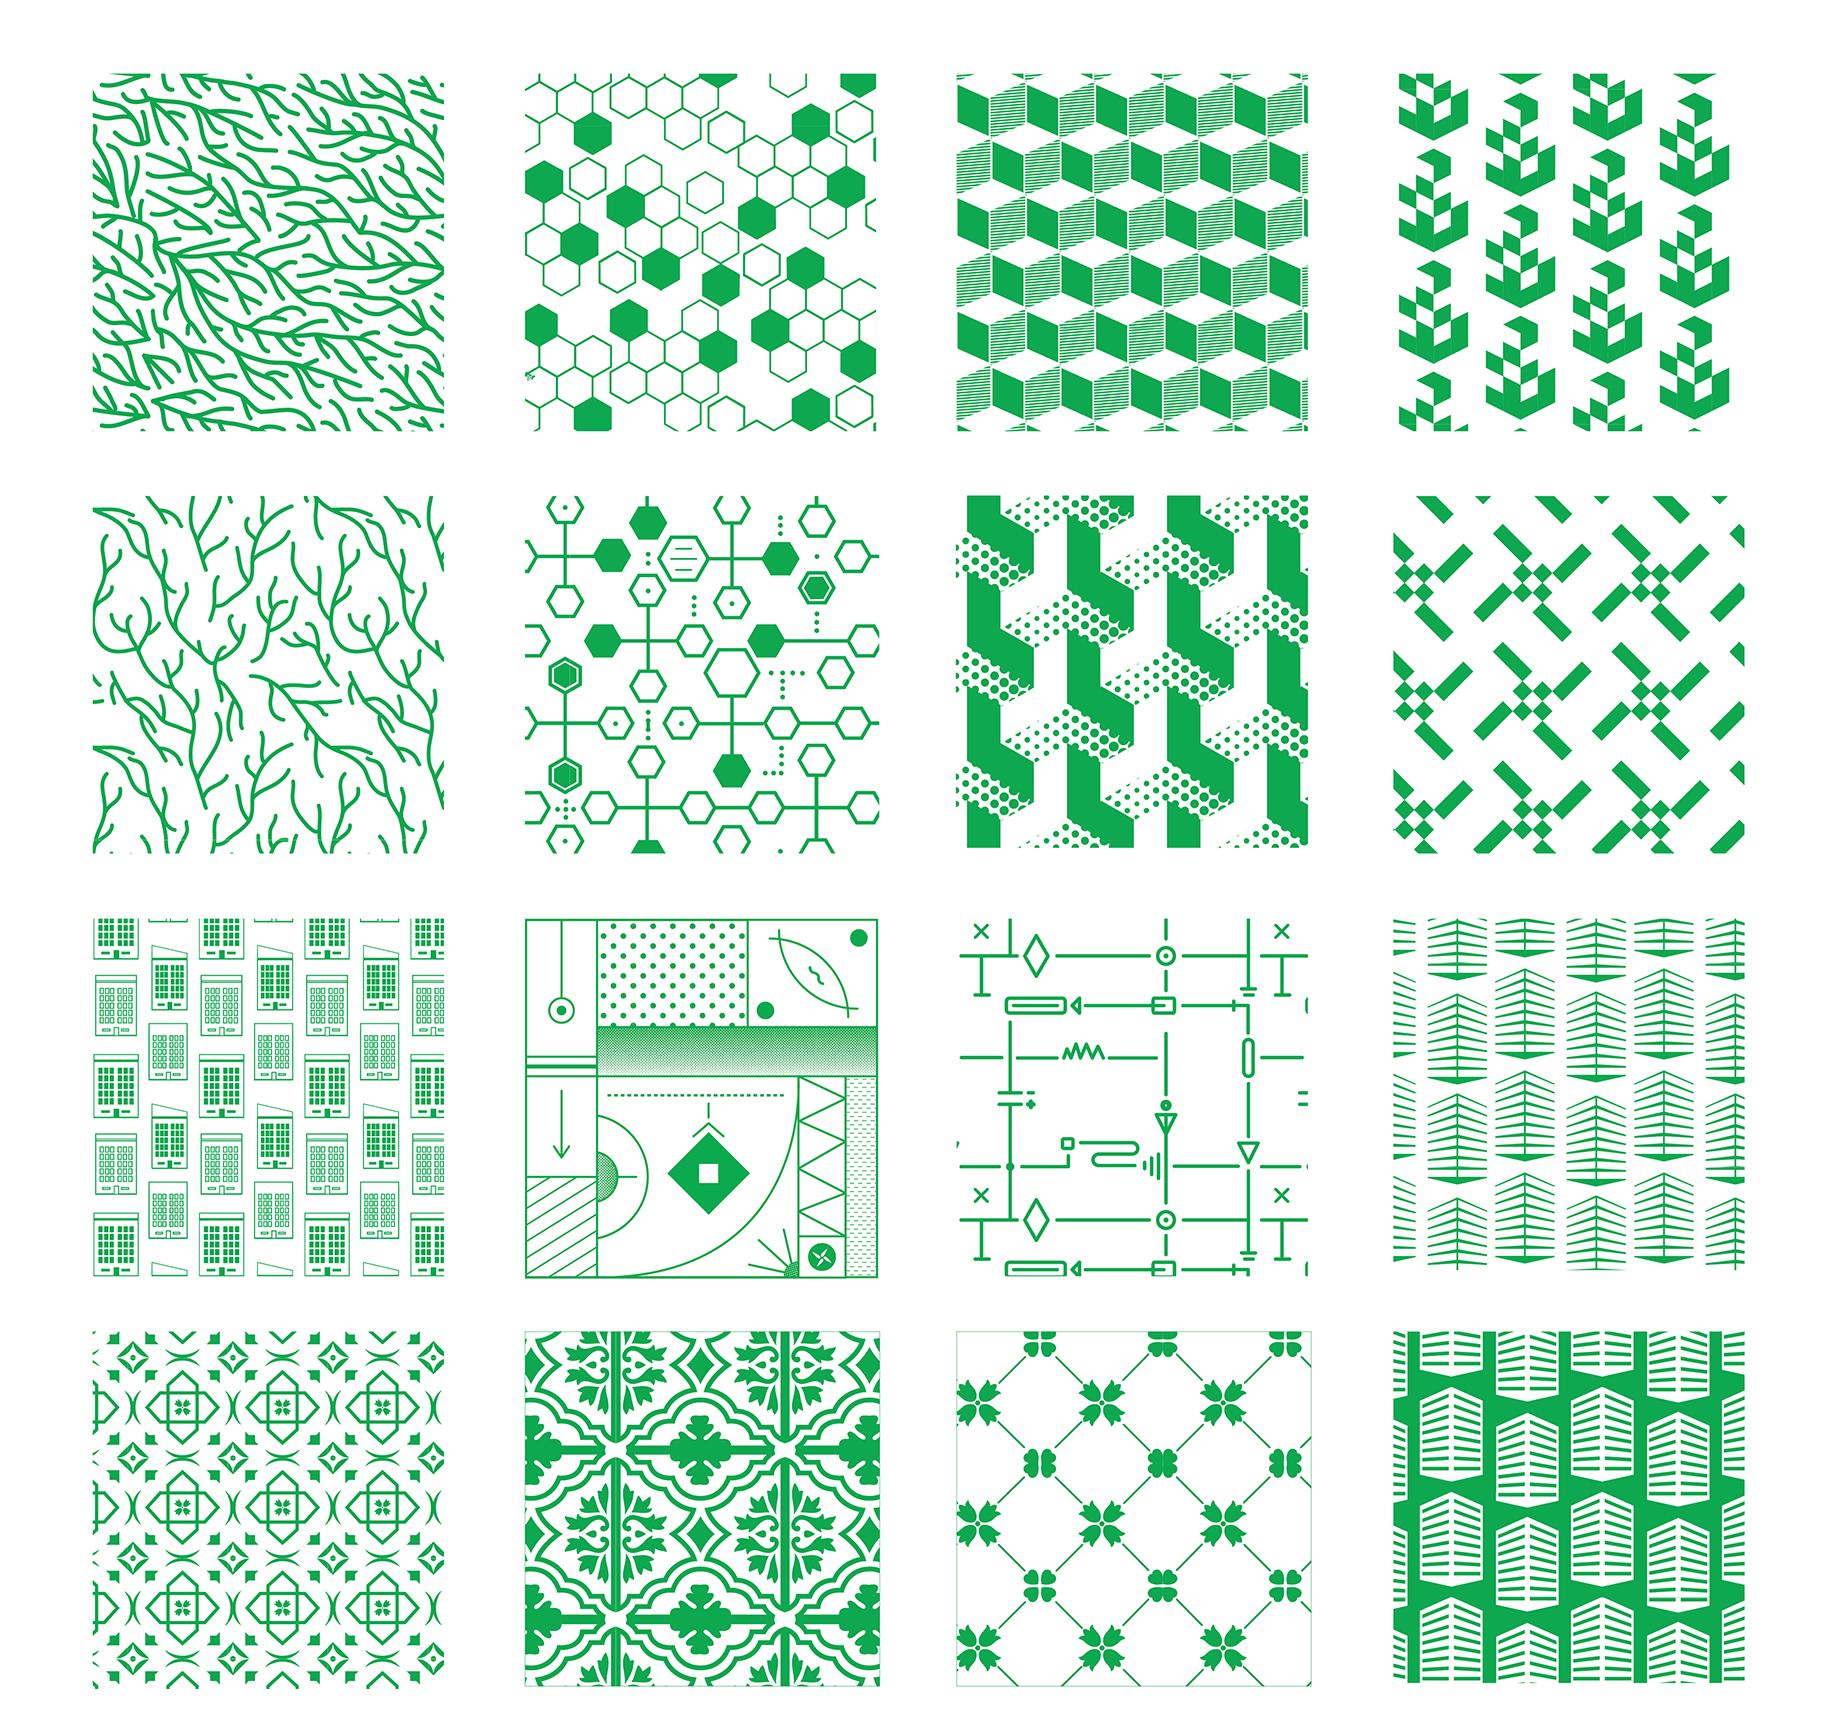 Patterns_Jungle_webste-01.jpg